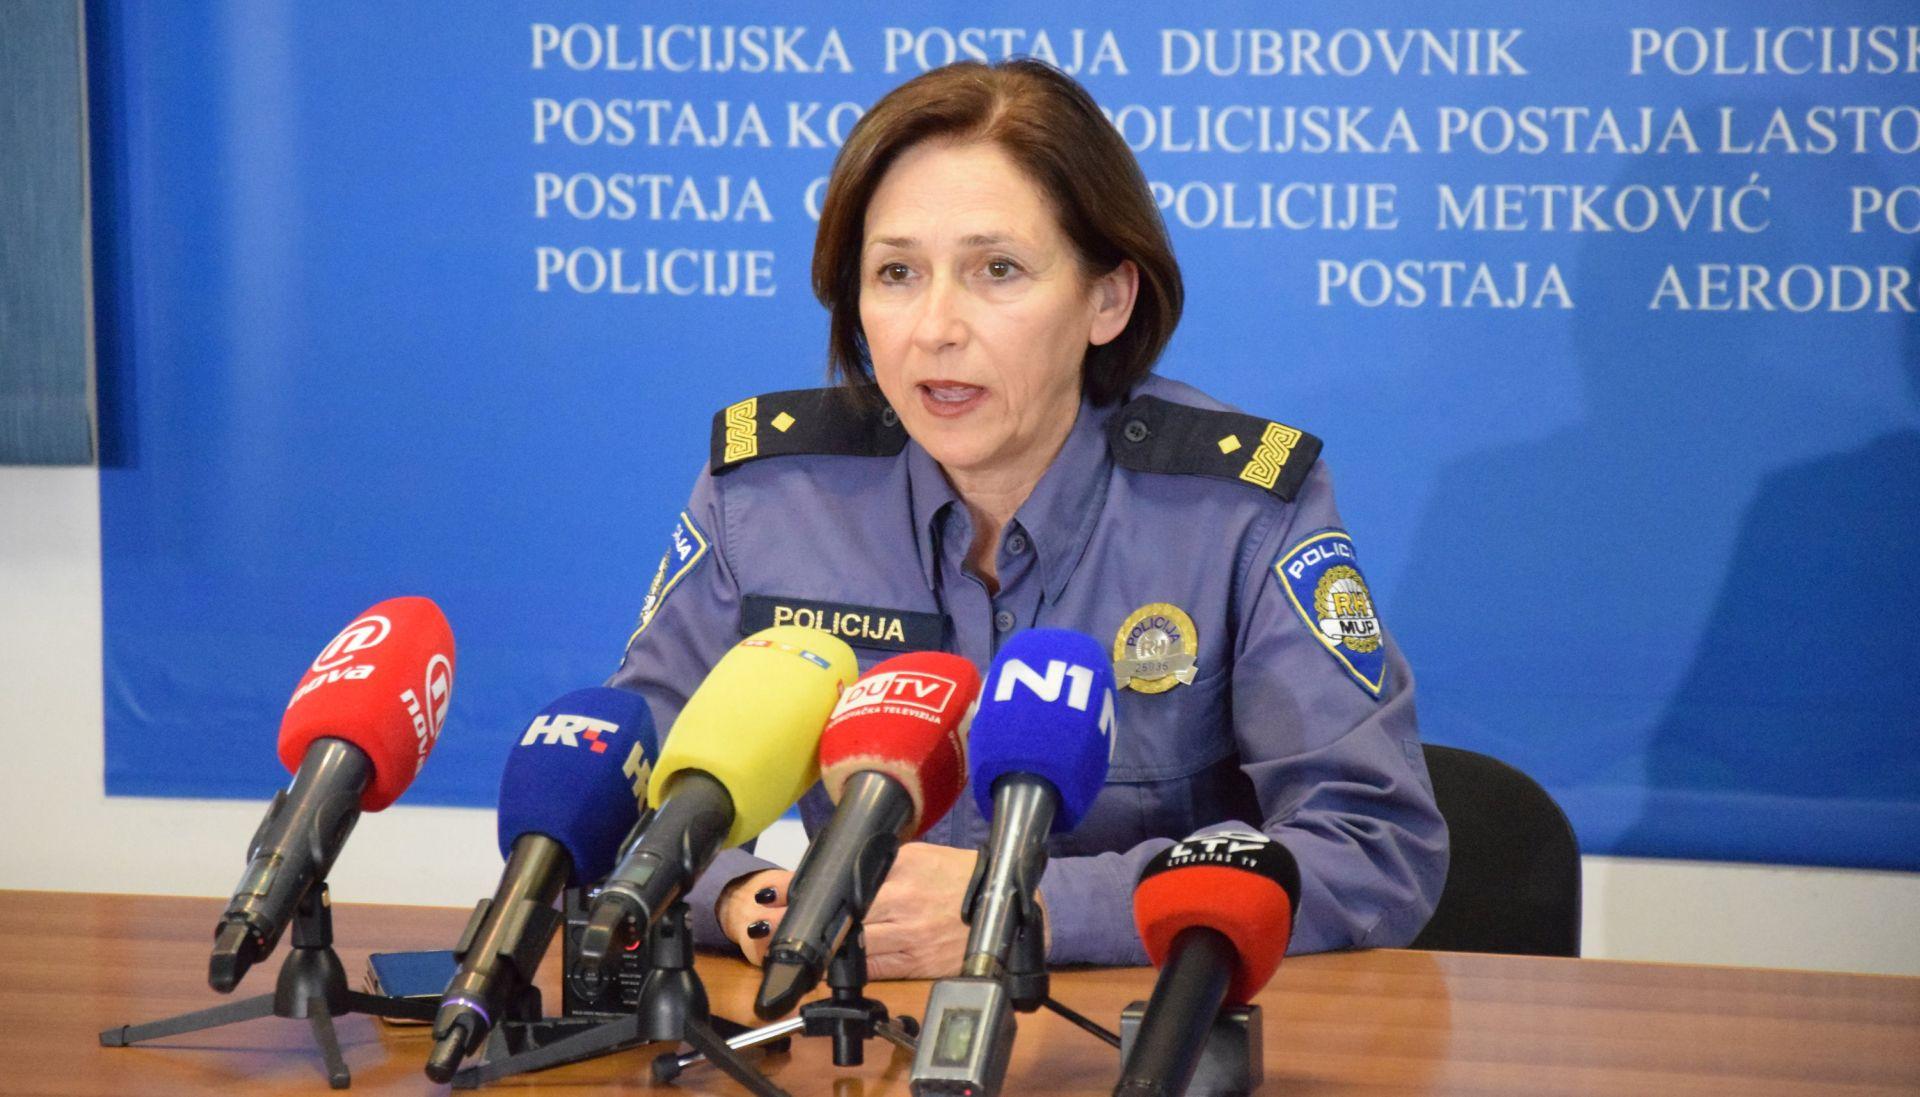 POLICIJA Dvostruki ubojica i samoubojica nije bio ranije evidentiran